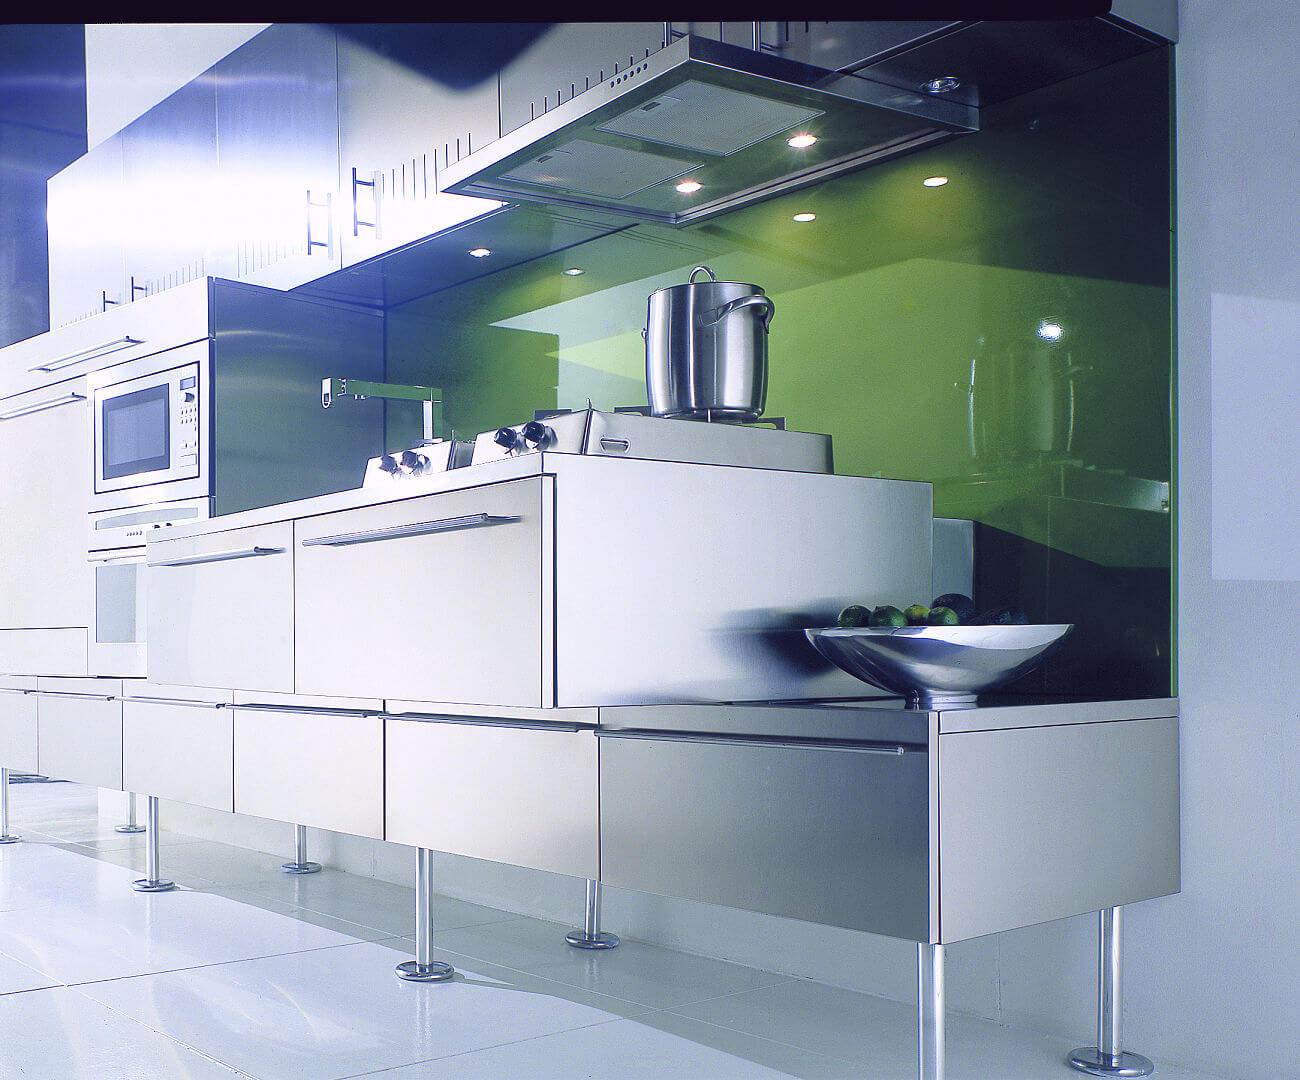 Free arca cucine italia cucine in acciaio inox - Cucine in acciaio inox ...